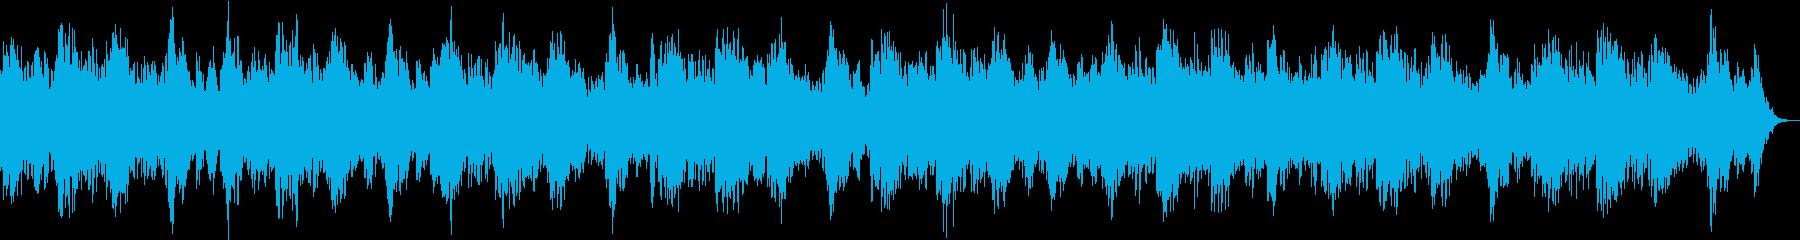 リラックス、落ち着いたヒーリングBGMの再生済みの波形